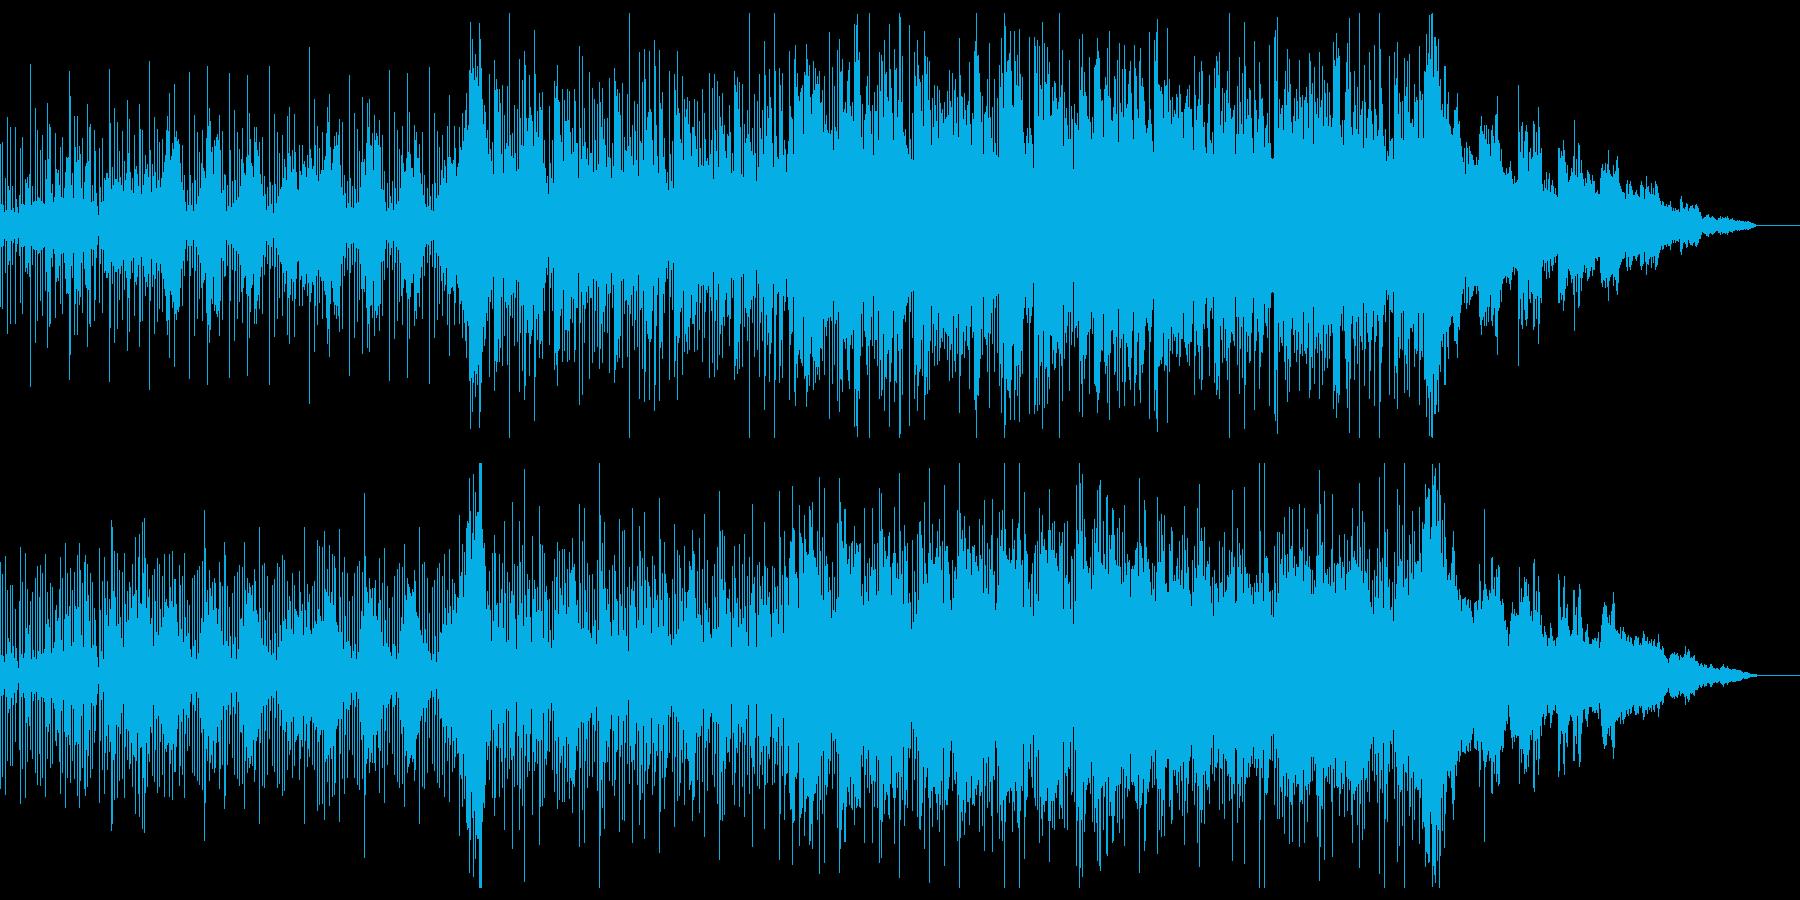 オーガニックなチル・エレクトロニカの再生済みの波形